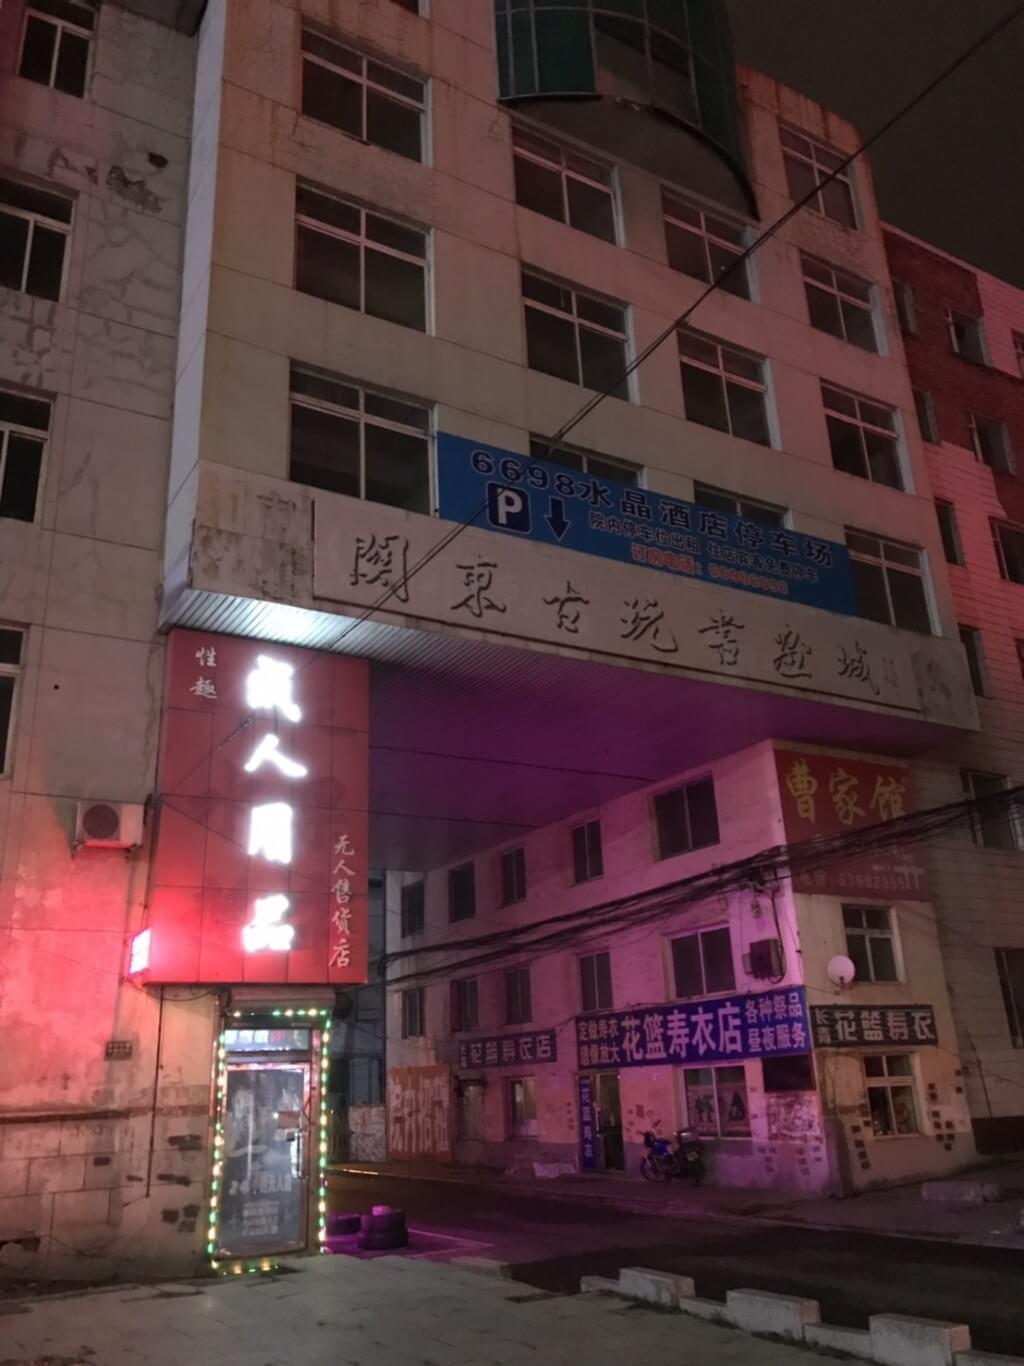 中国の吉林省(きつりんしょう)は北朝鮮に接している